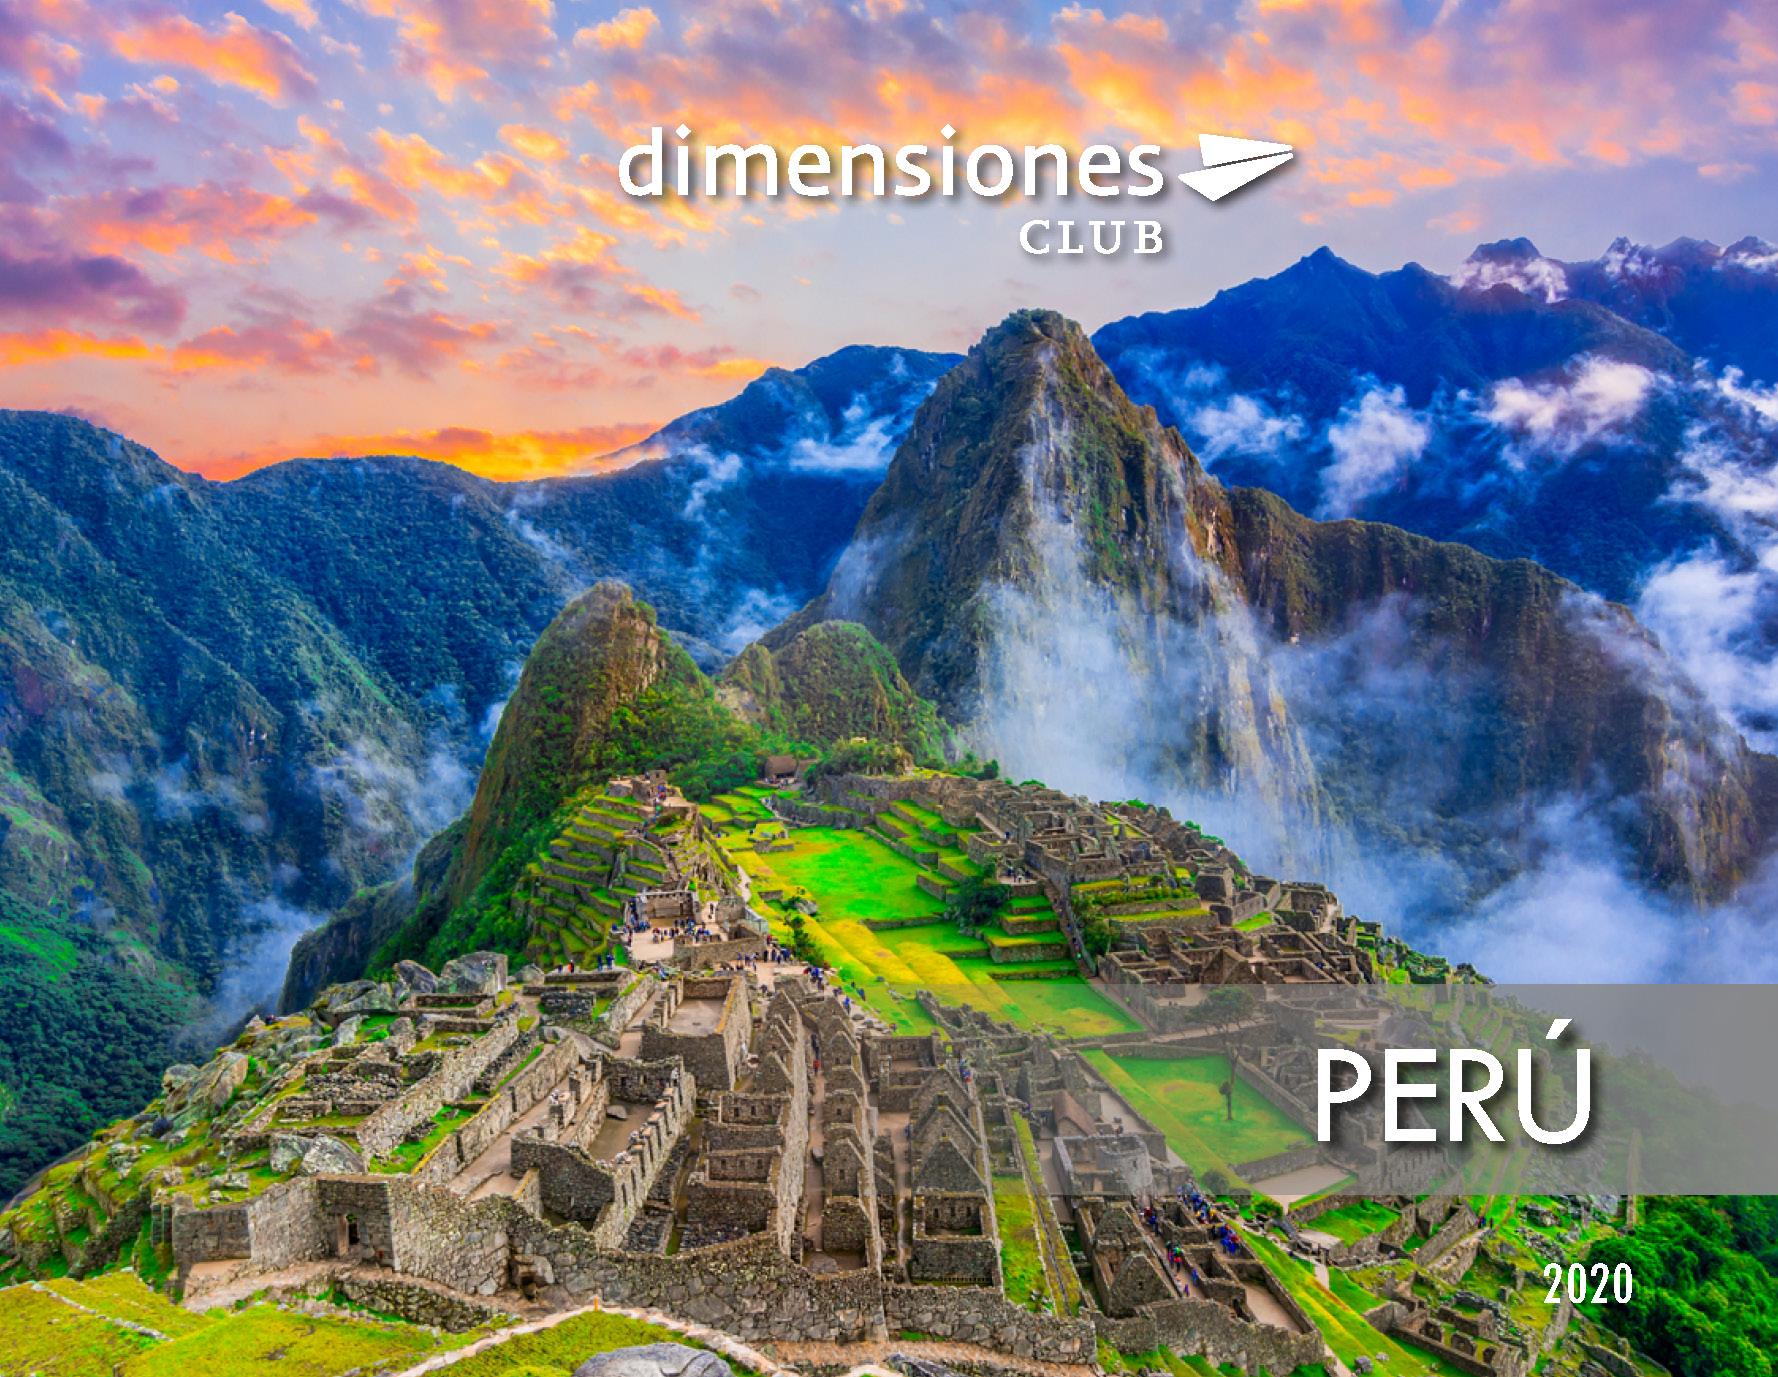 Catalogo Dimensiones Club Peru 2020